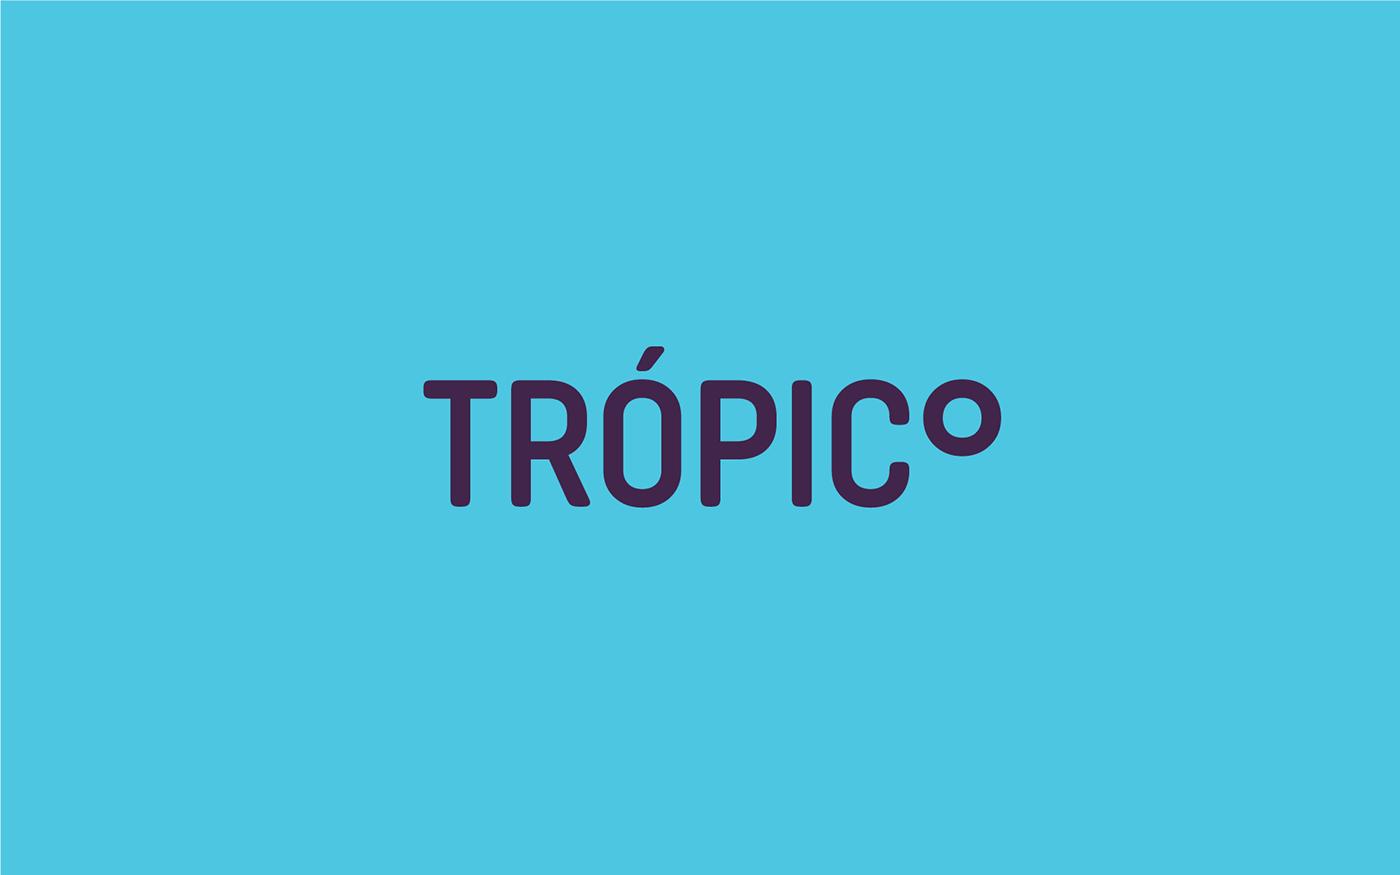 音像公司Trópico品牌设计 欣赏-第4张